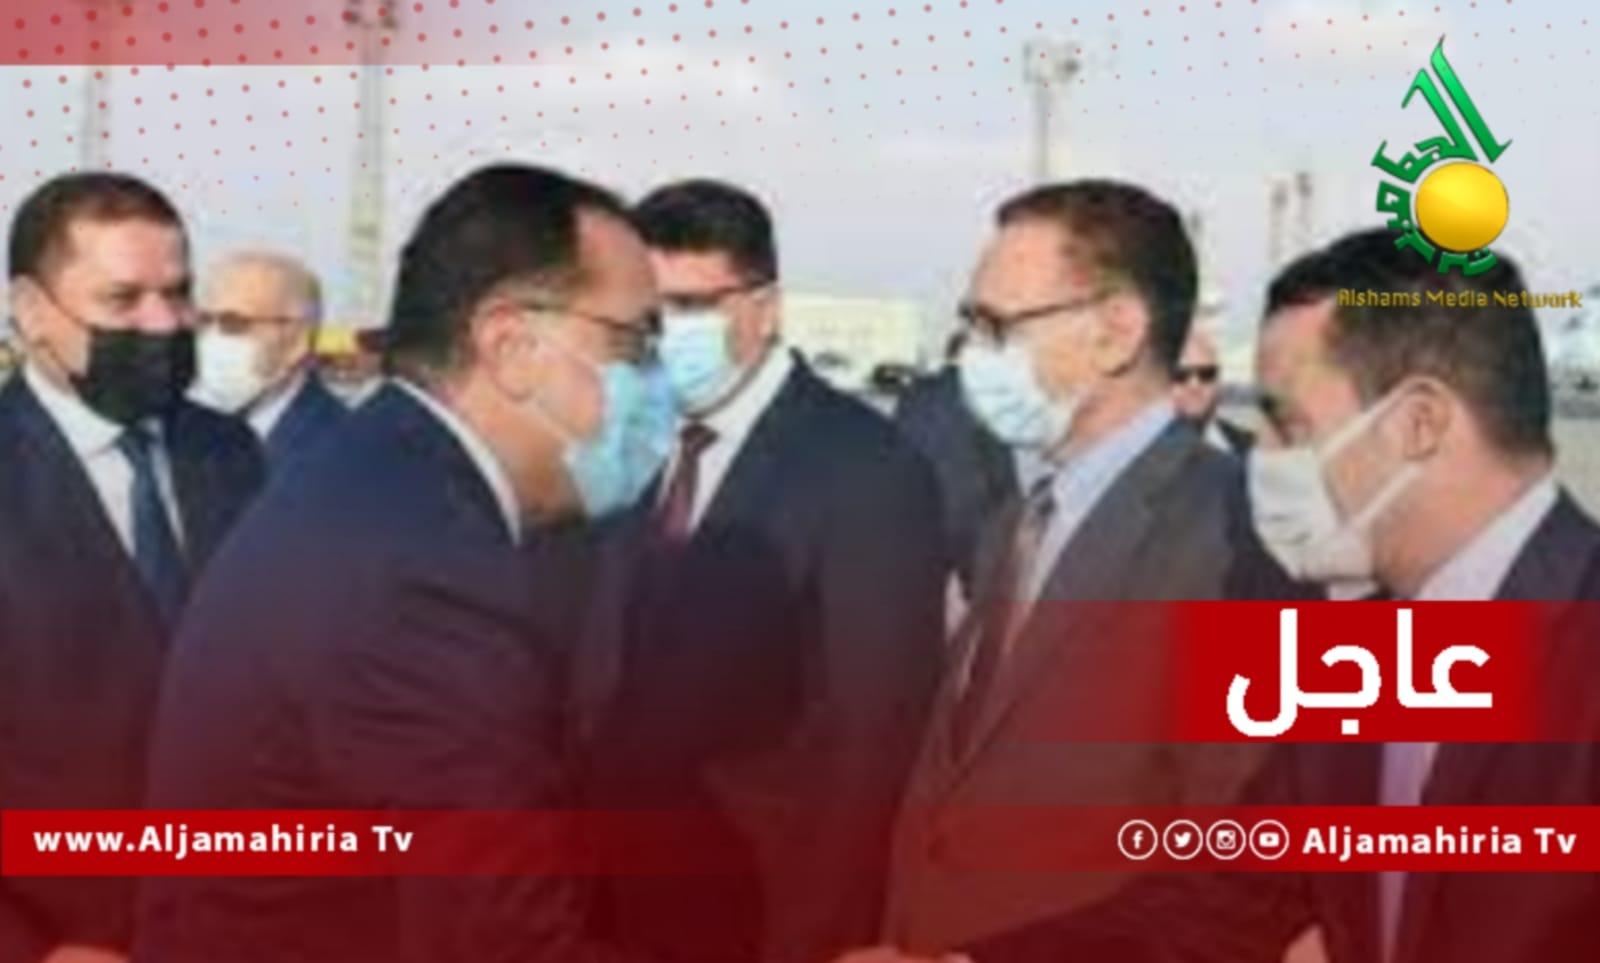 عاجل مصطفى مدبولي والدبيبة